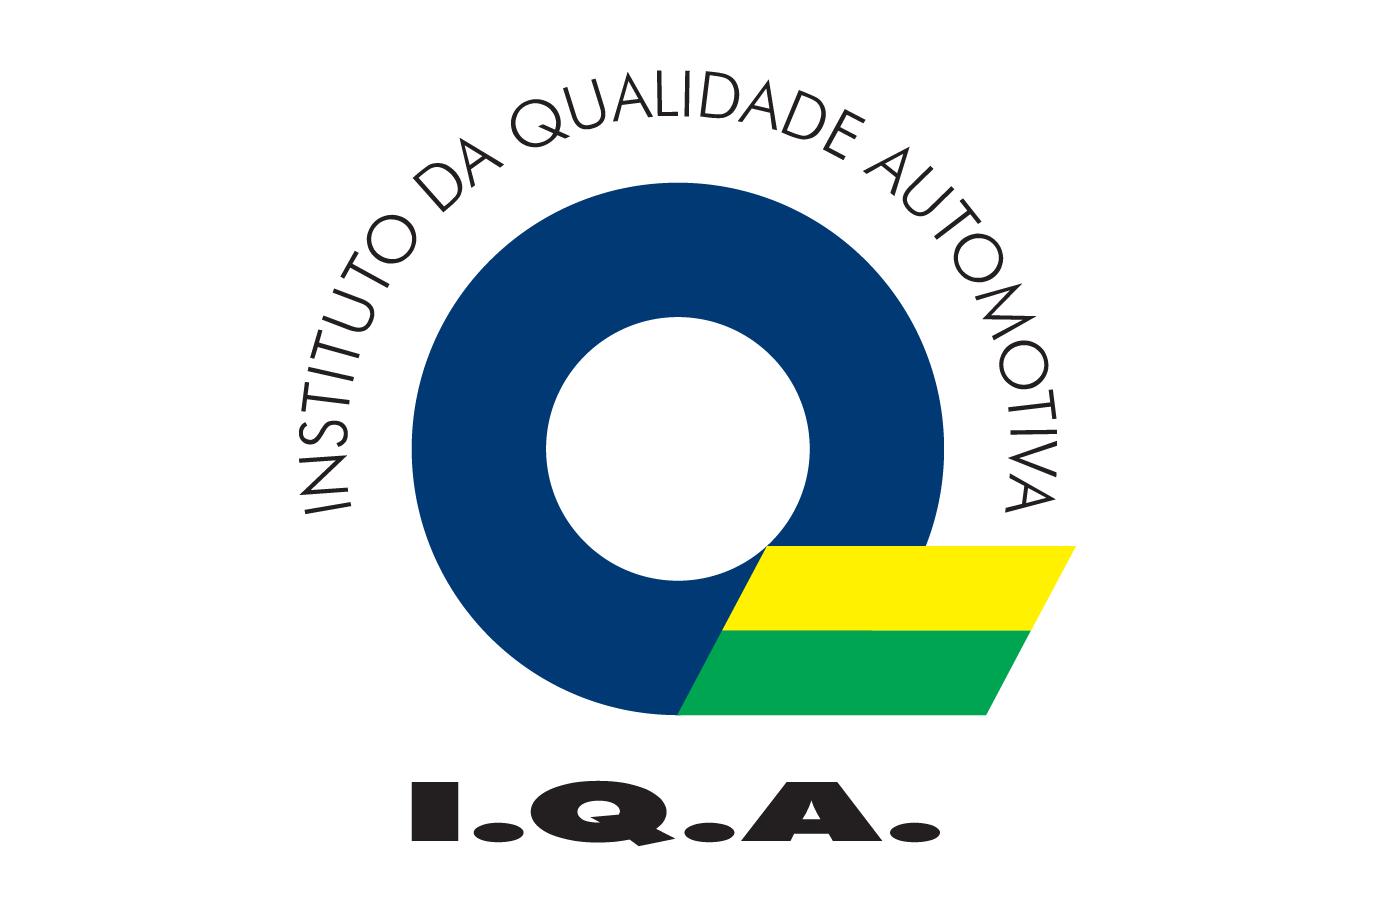 DOUROMOTOR CERTIFICADA PELO  I.Q.A.